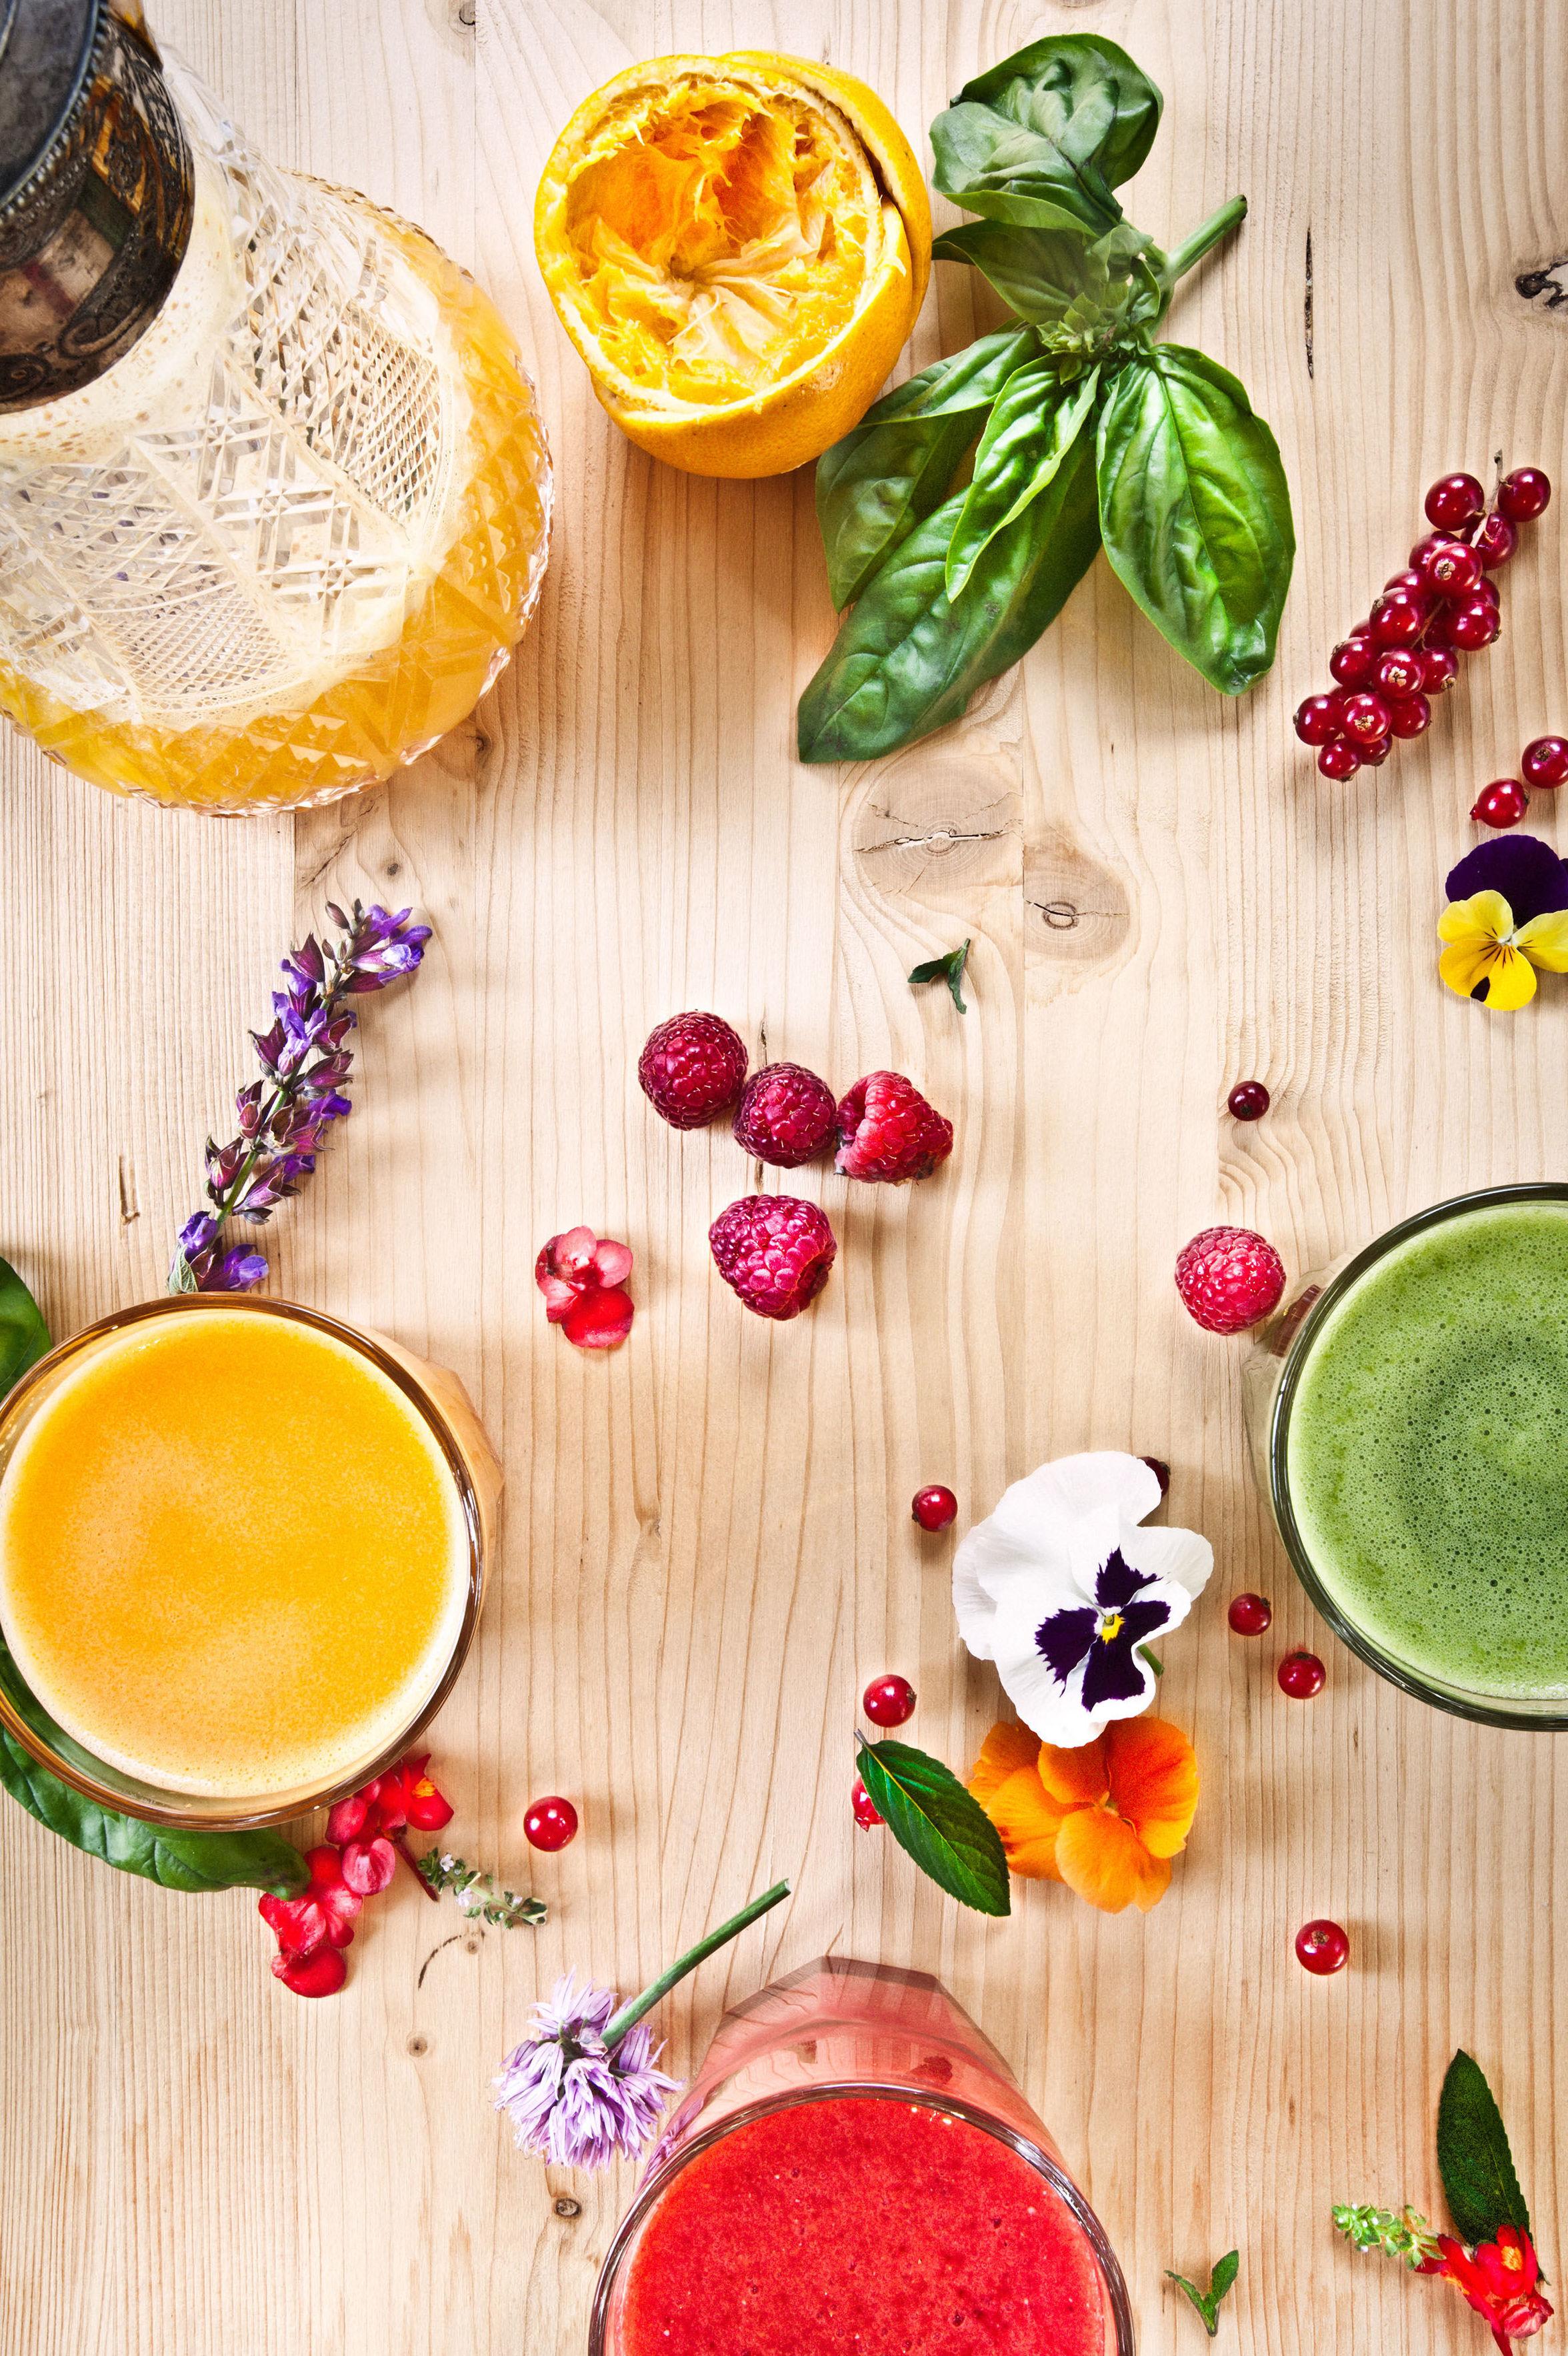 Zumos naturales al momento. Antioxidantes, energizantes y detox. Con espitulina, açai o trigo verde